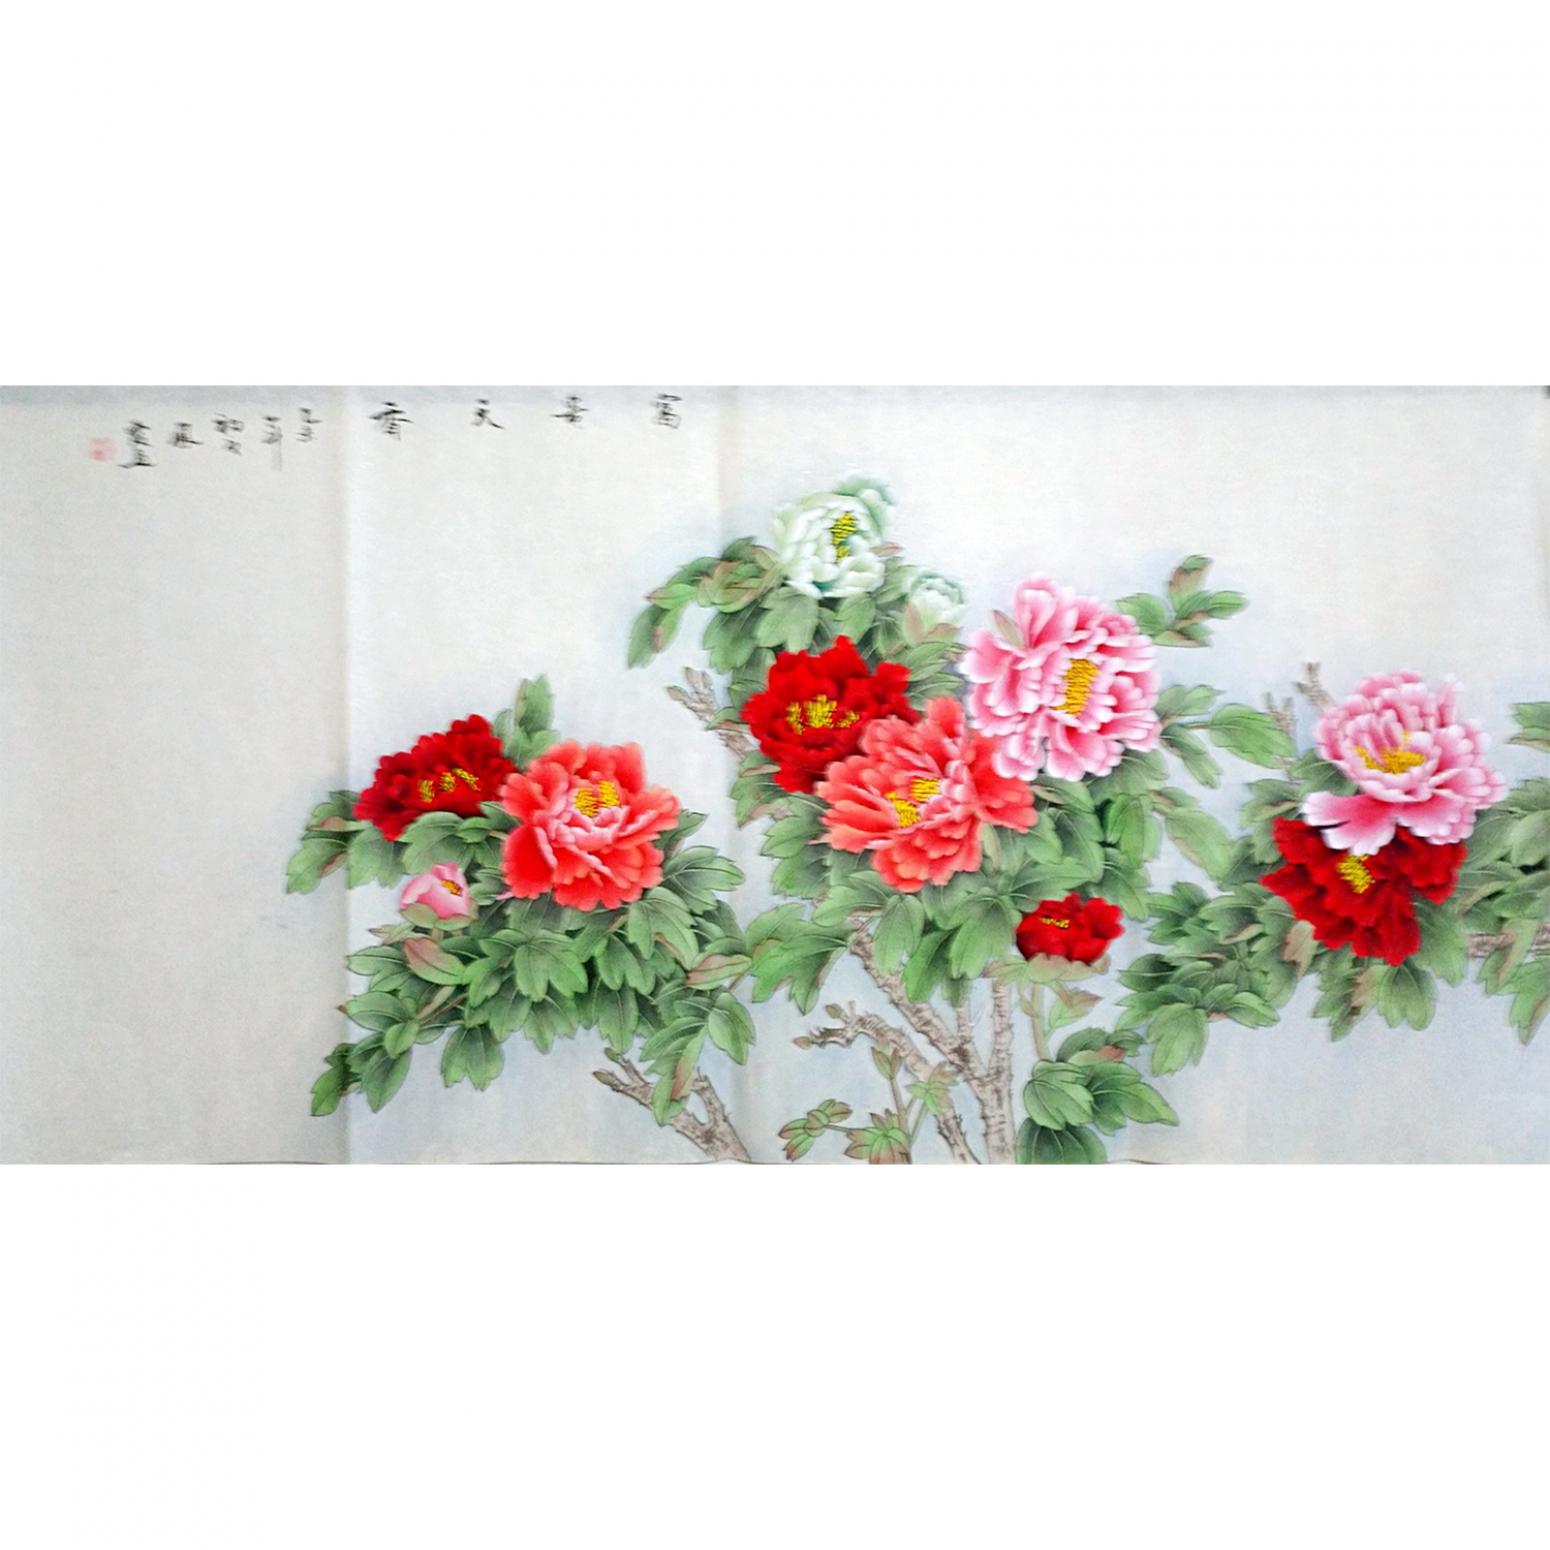 沈凤霞国画作品《【富贵天香】作者沈凤霞》